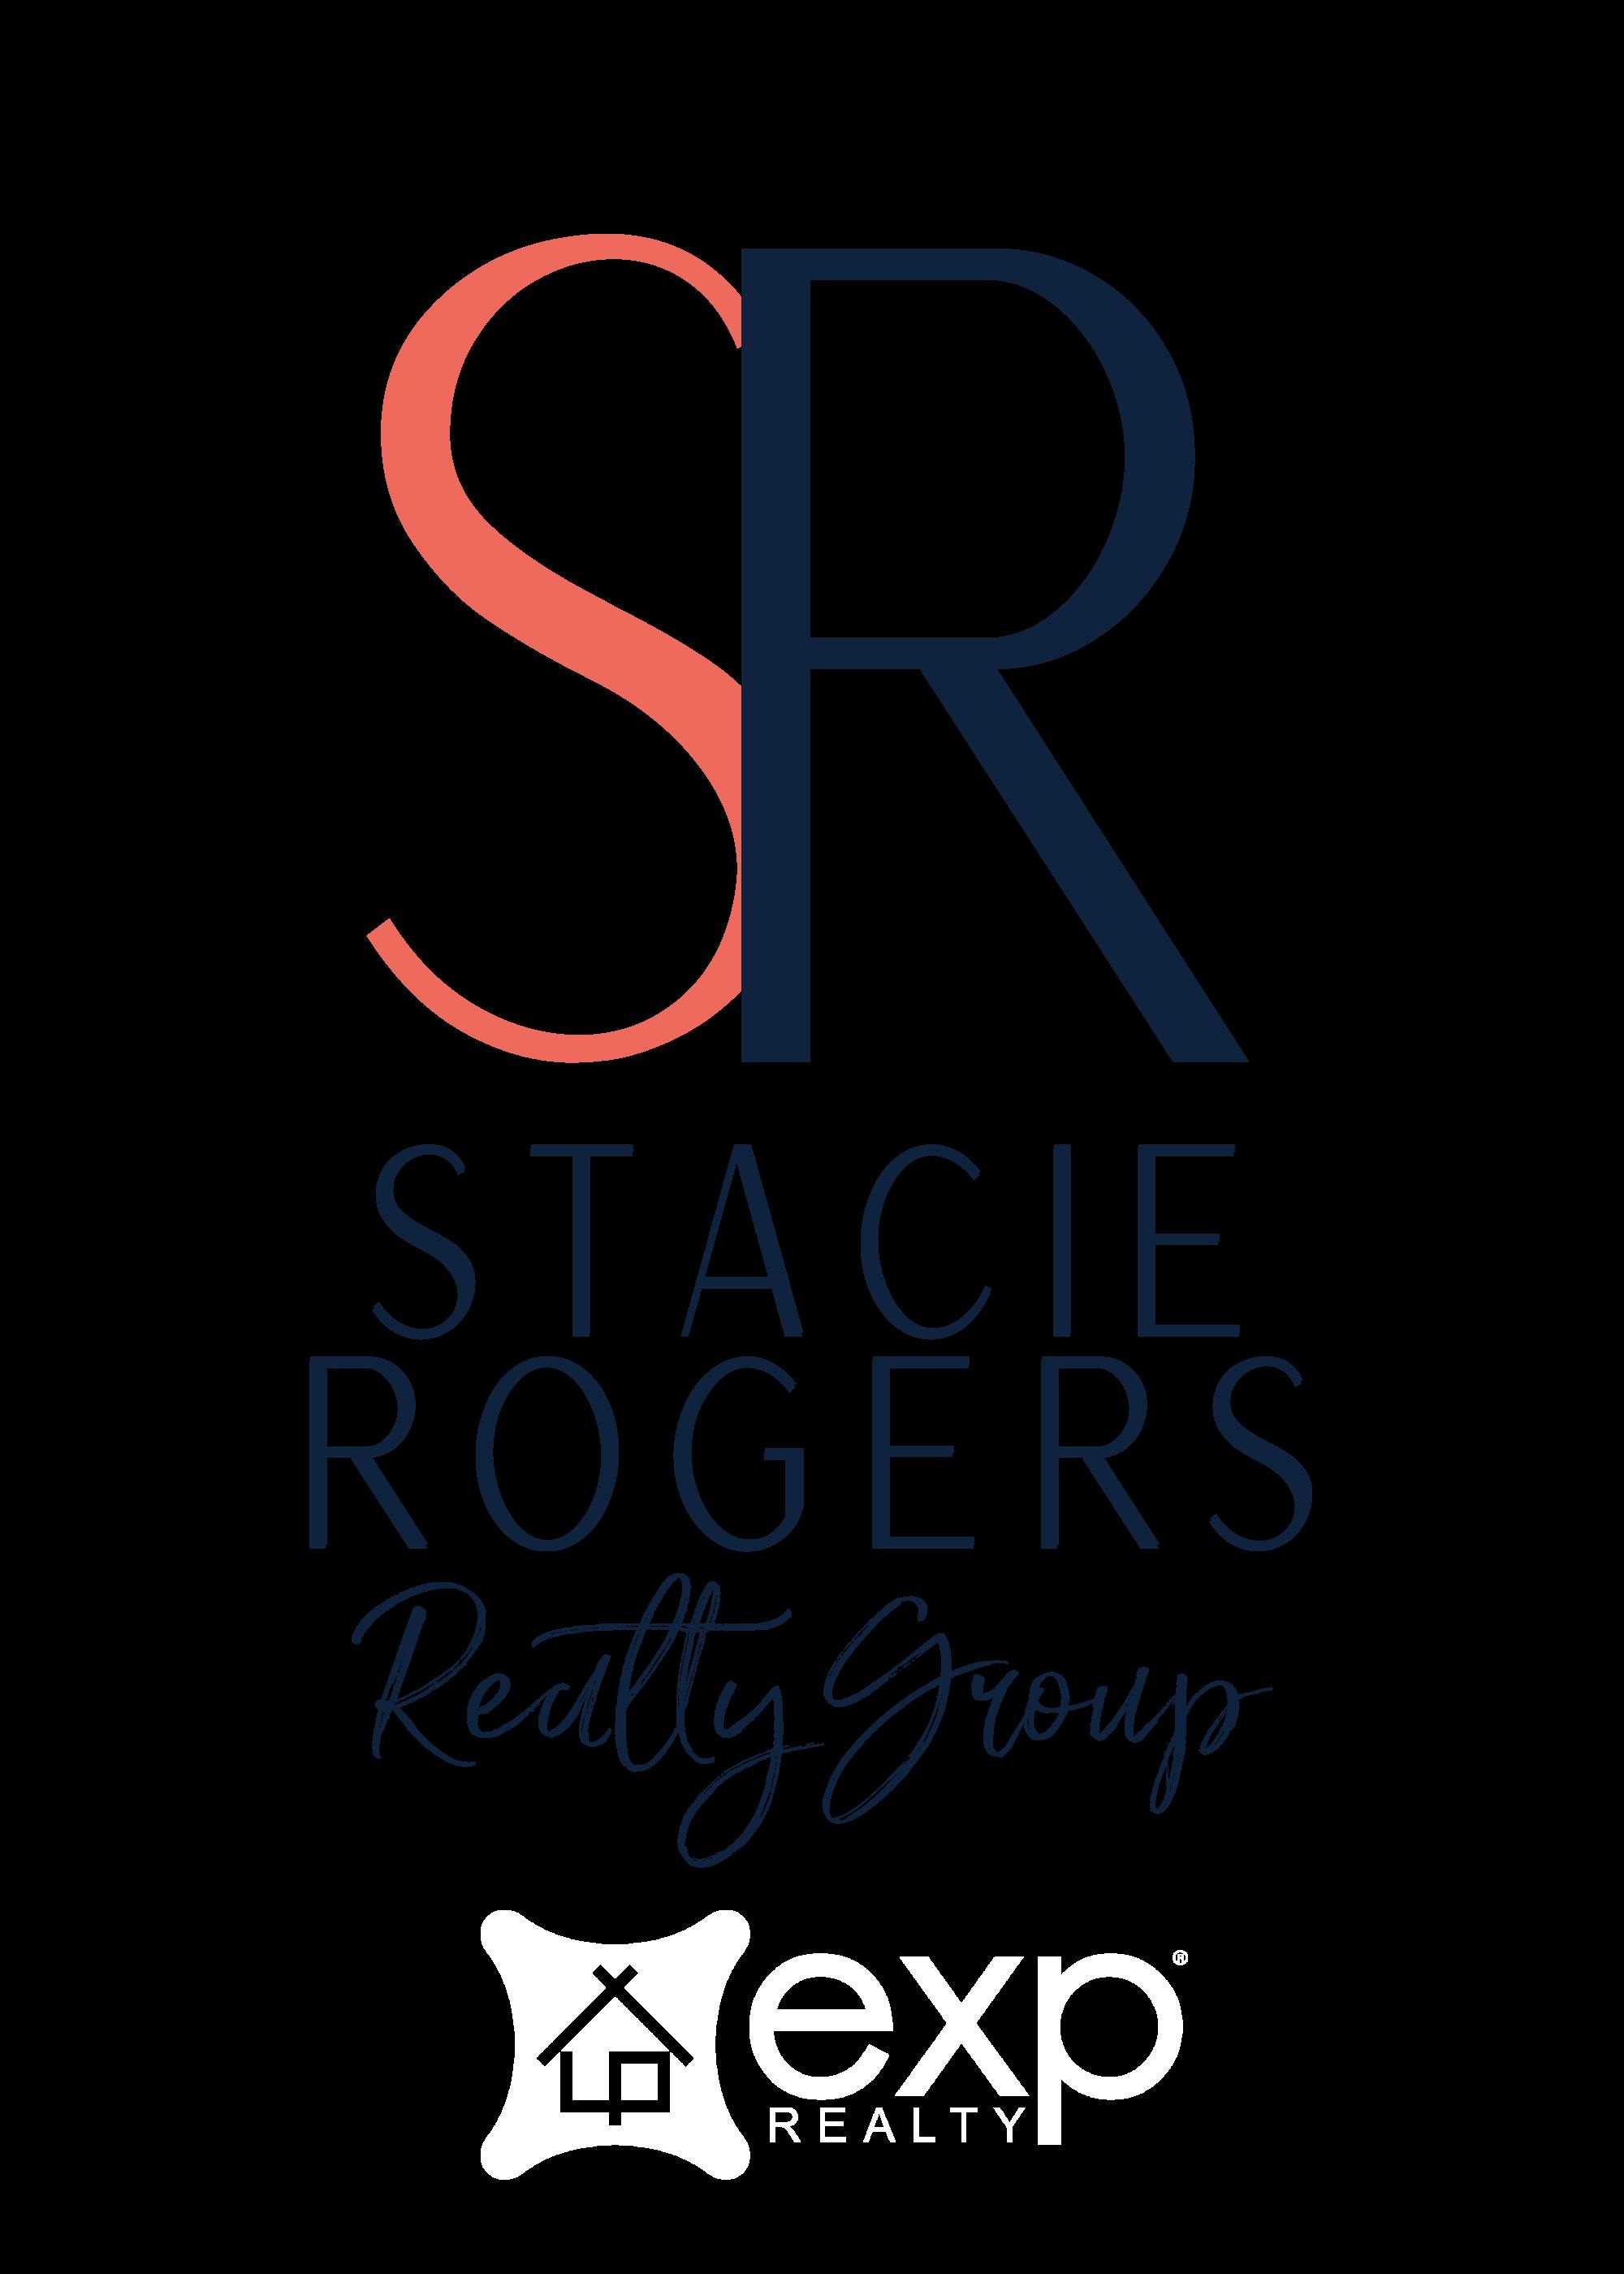 StacieRogers_Transparent_FinalLogo.png